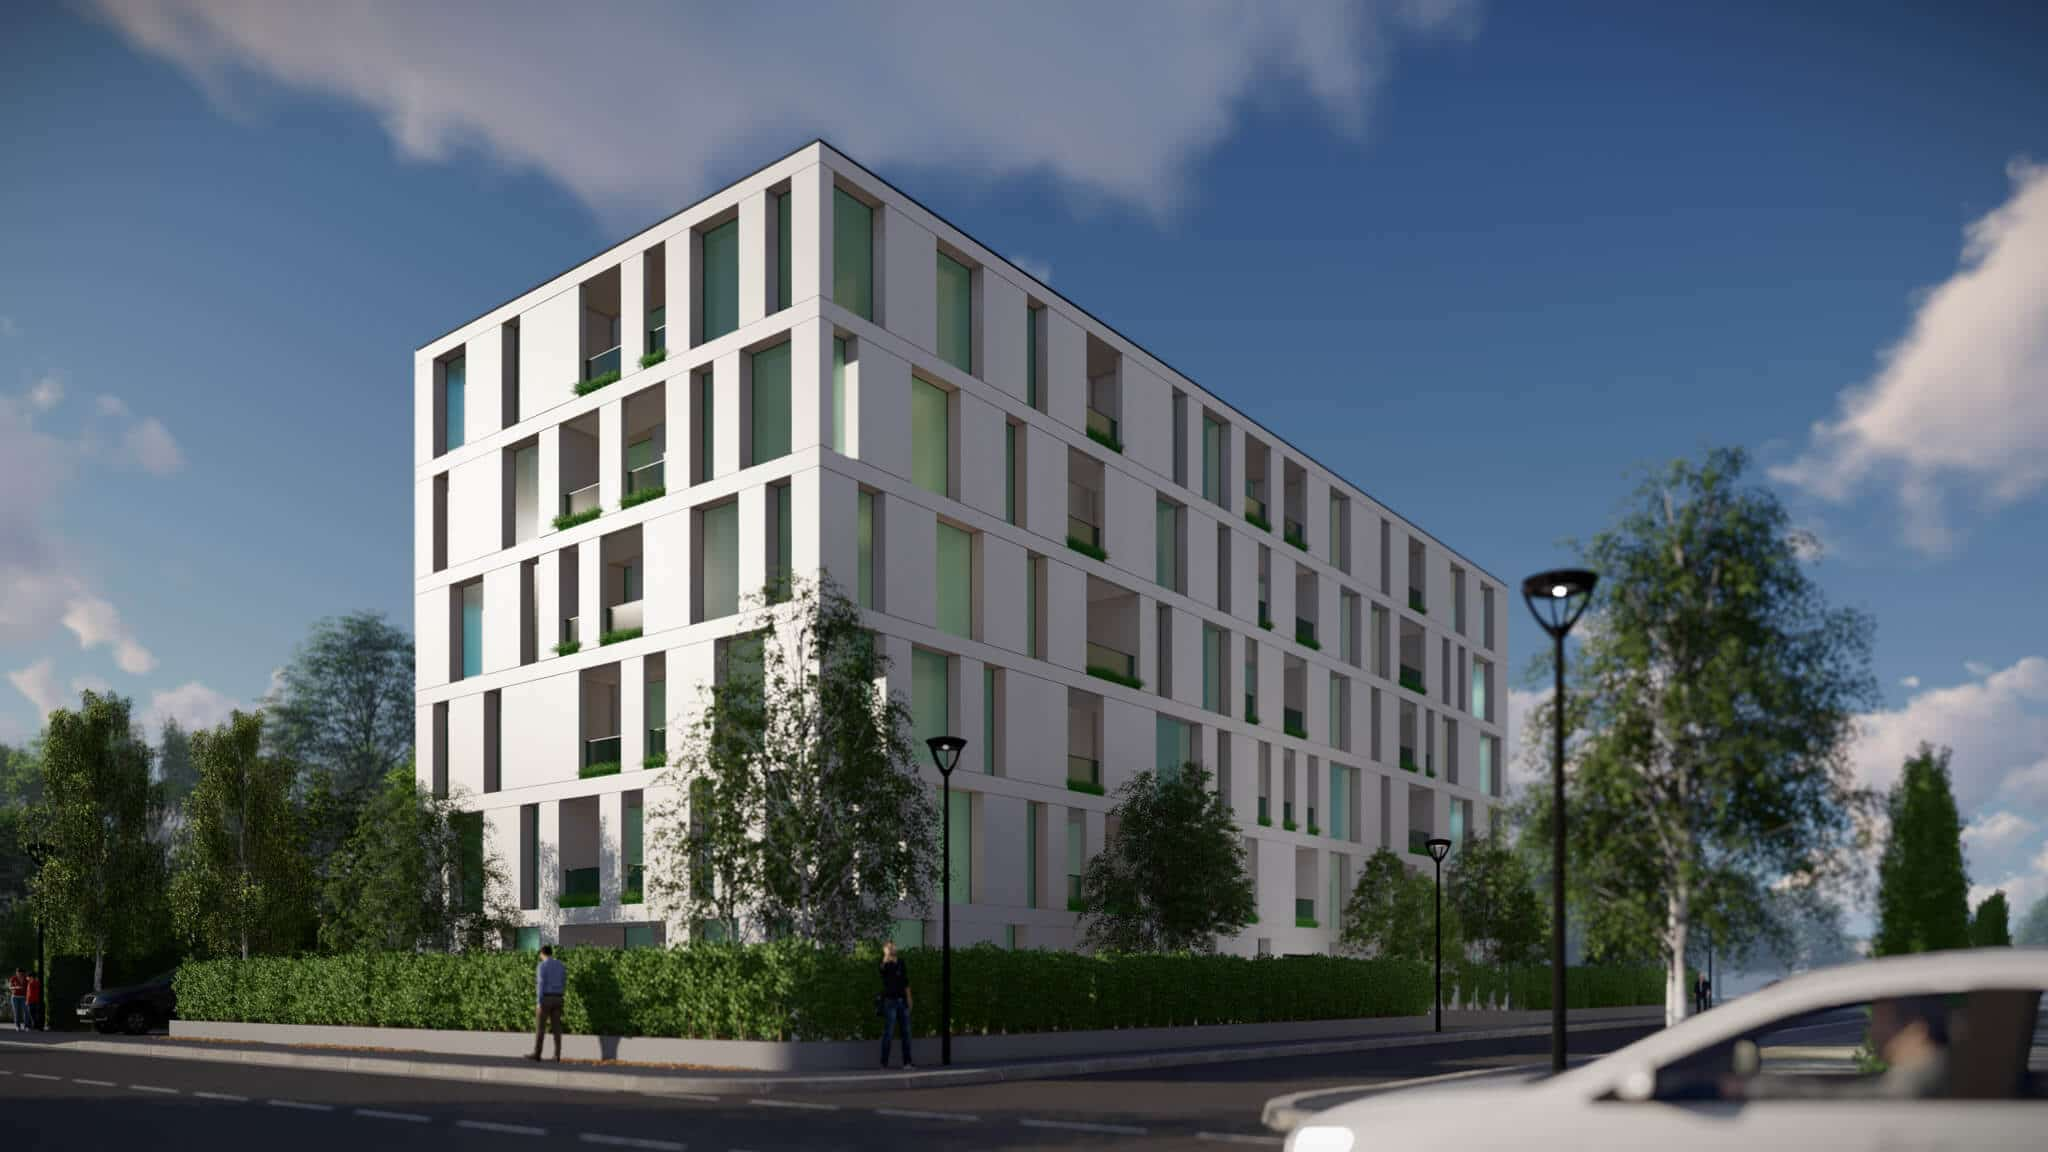 IANCU NICOLAE 30 APPARTEMENT BUILDING 3